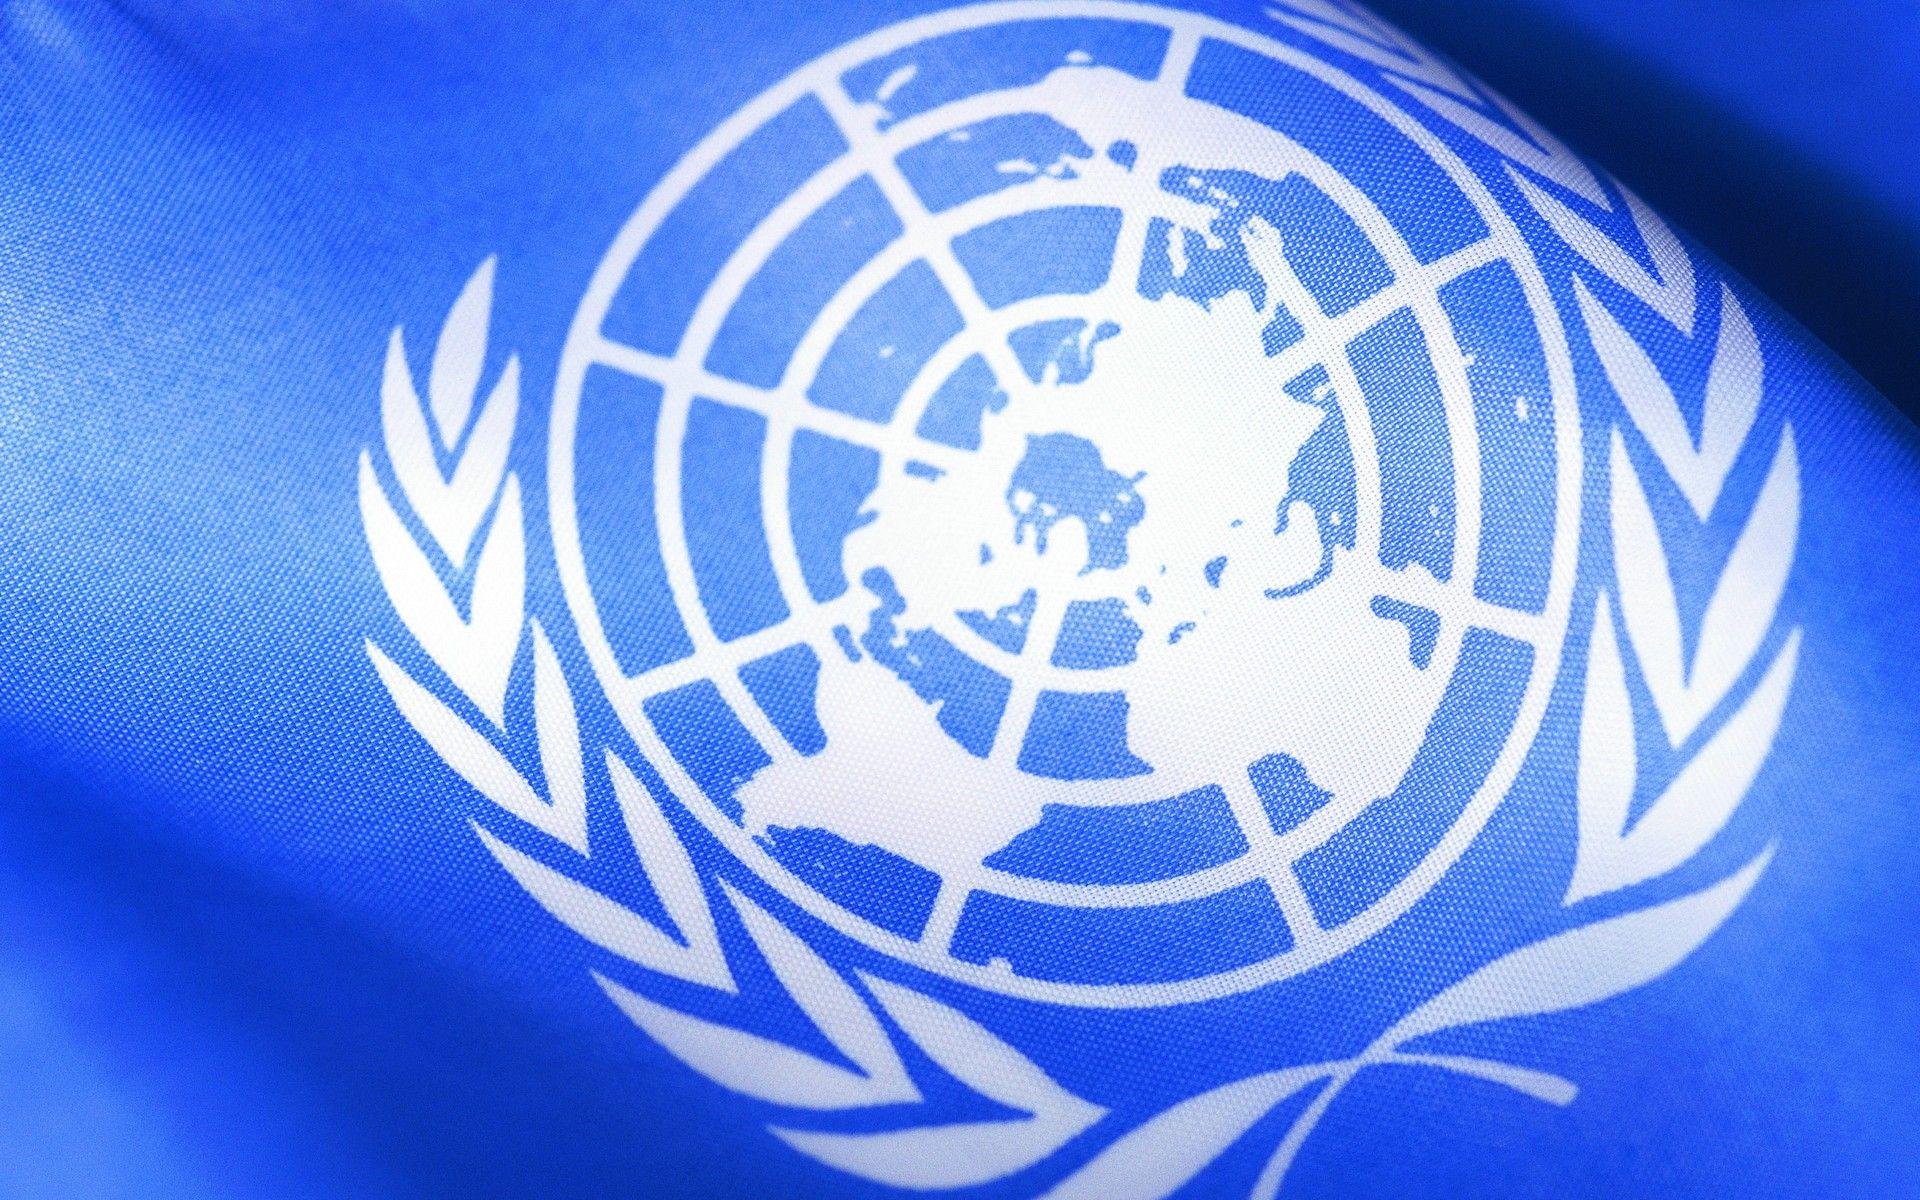 """Представительство Украины в ООН назвало страны, которые голосовали против """"крымской резолюции"""" / 5.ua"""